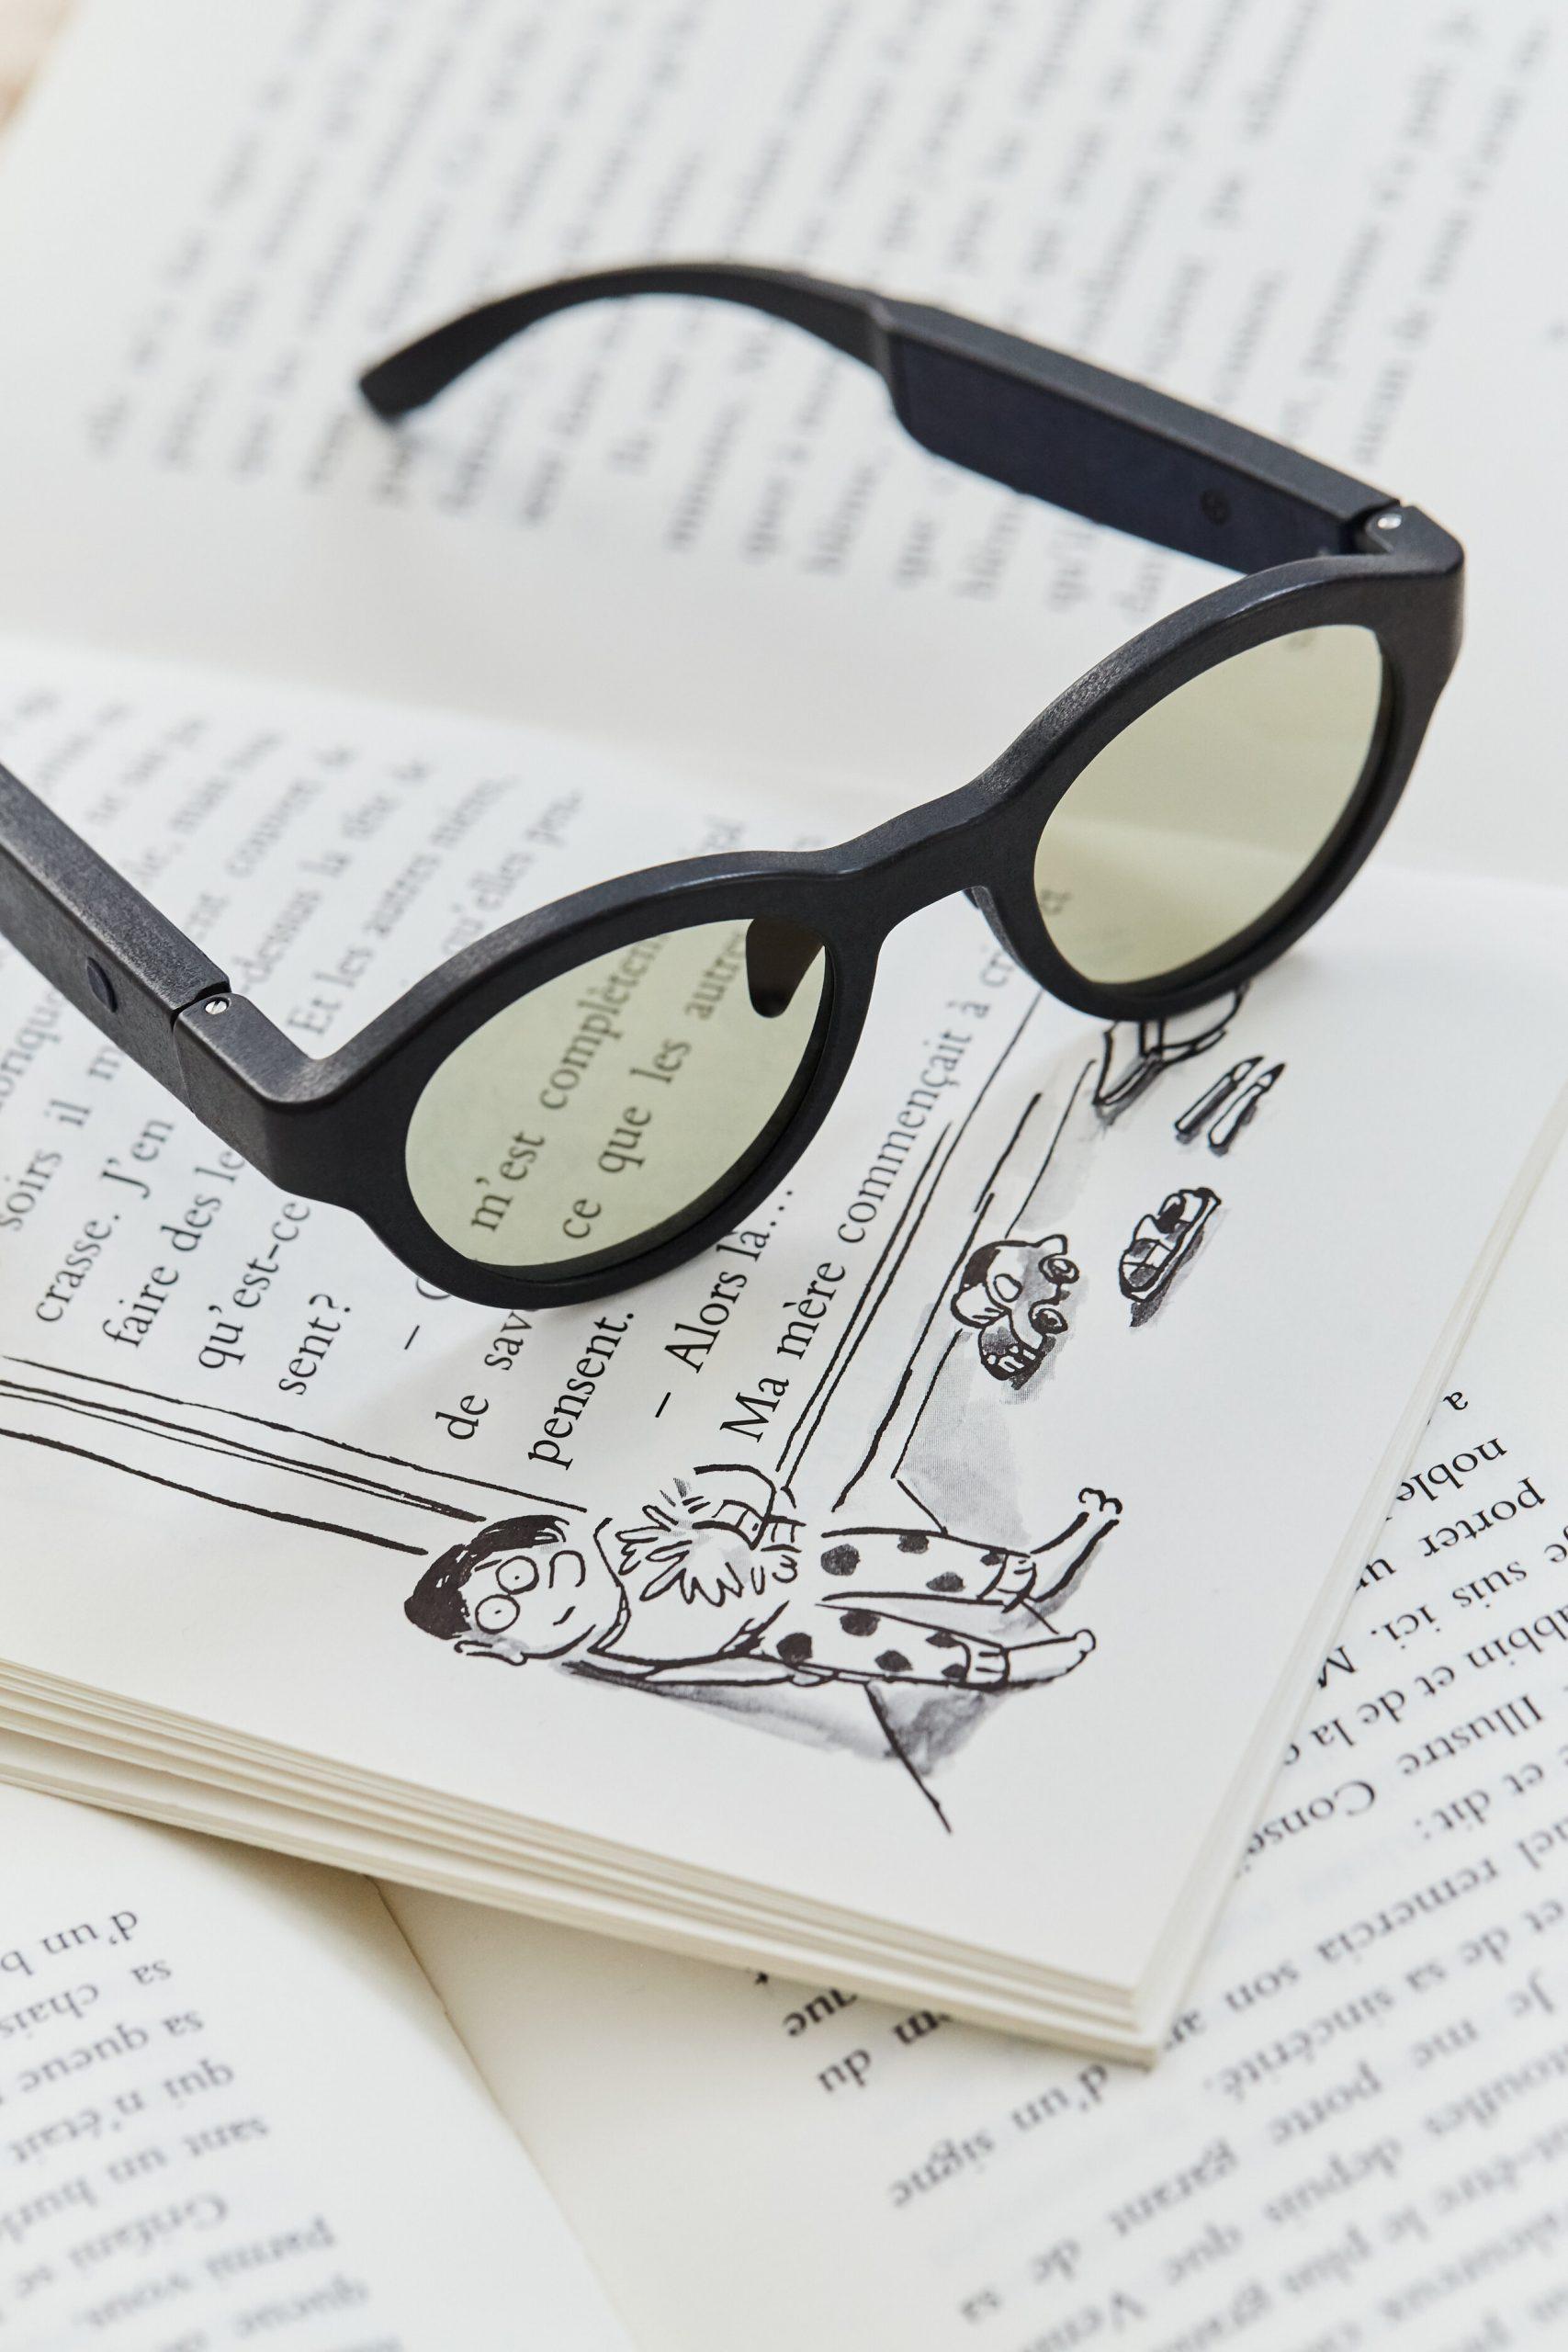 Lexilens : Les lunettes qui facilitent la lecture des personnes dyslexiques